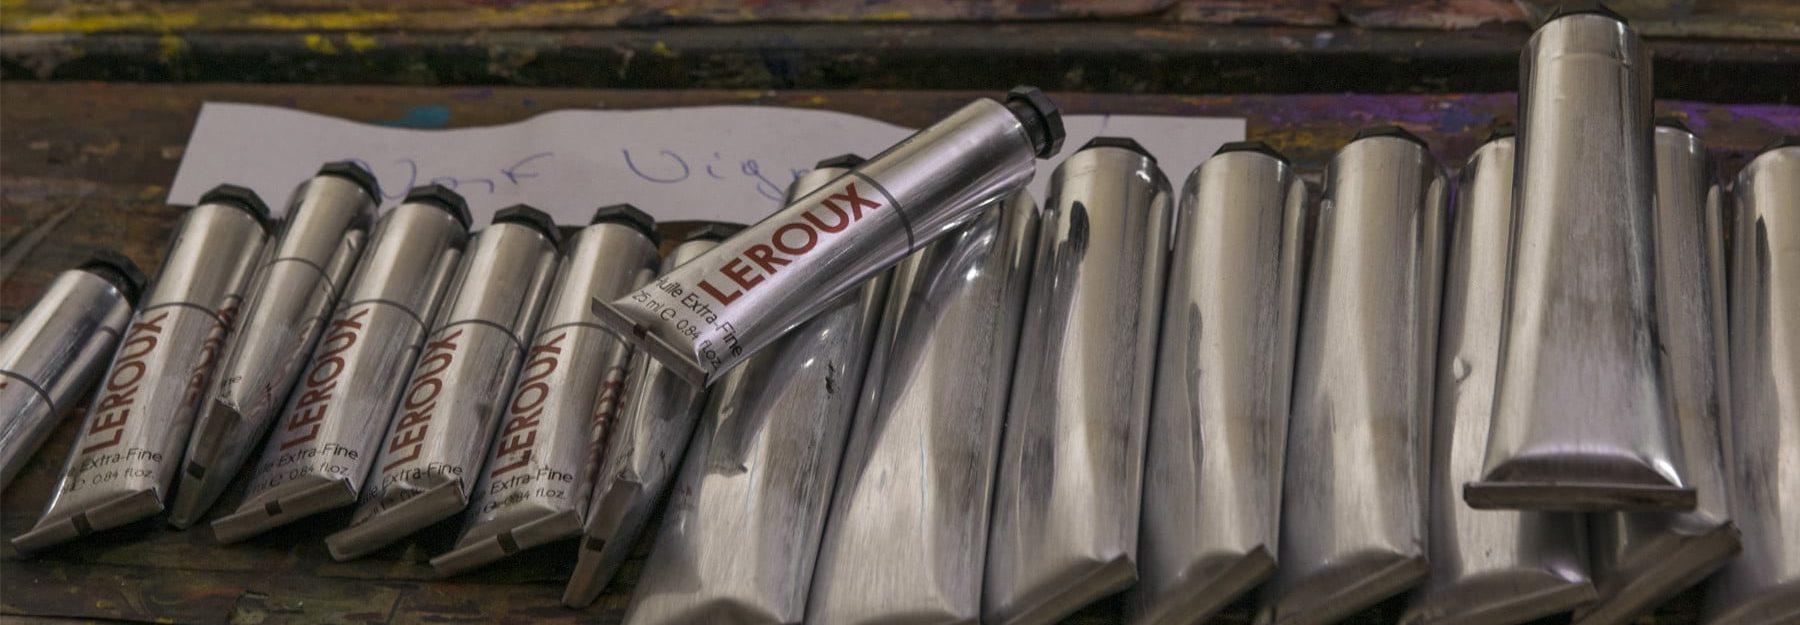 Manufacture Leroux - Fabricant de couleurs à l'huile extra-fines depuis 1910